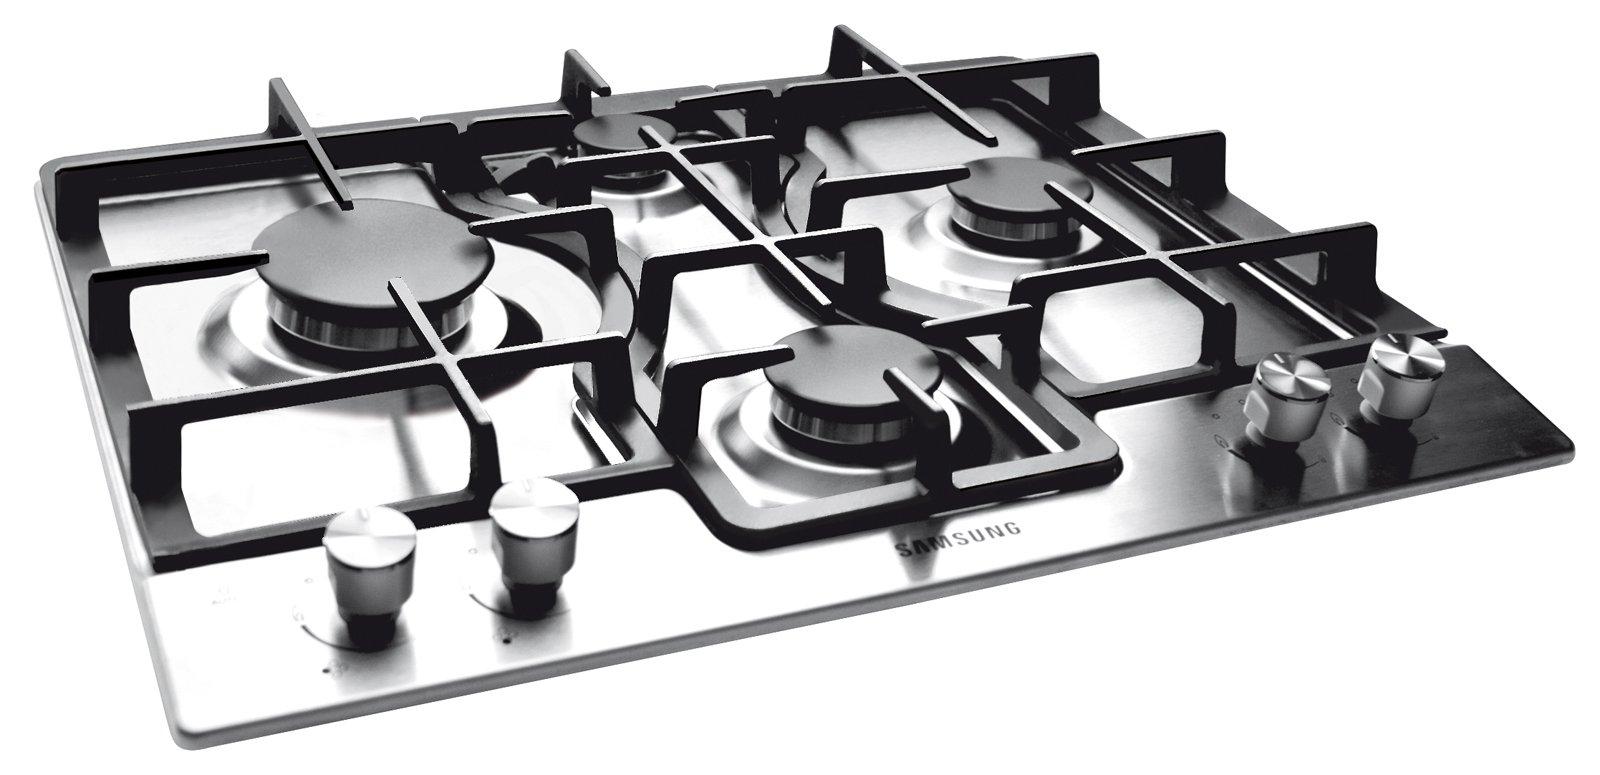 Piani cottura con o senza fiamma cose di casa for Piano di abbozzo domestico